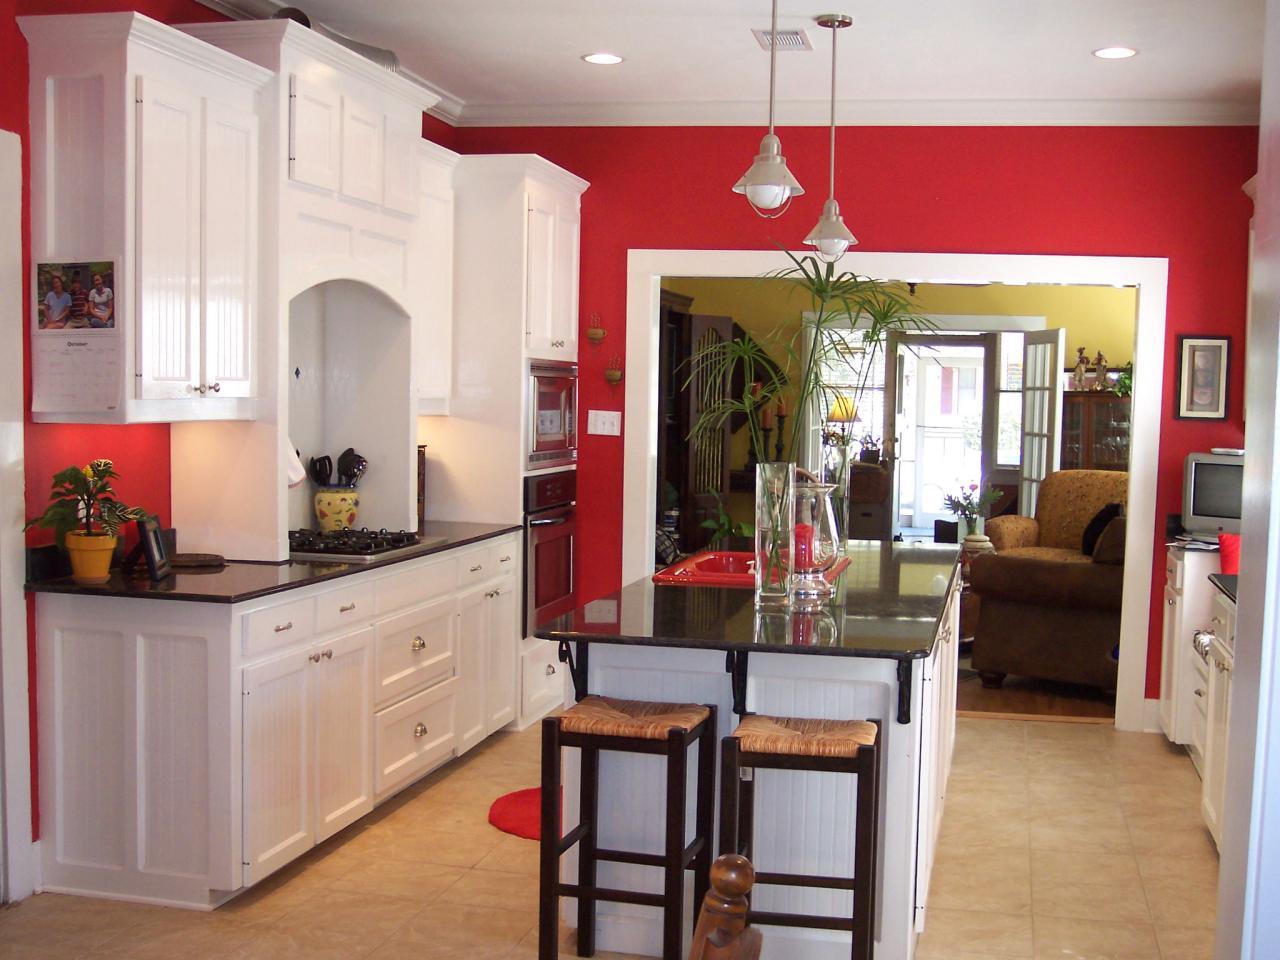 kitchen paint ideas what colors to paint a kitchen GZHFPBQ